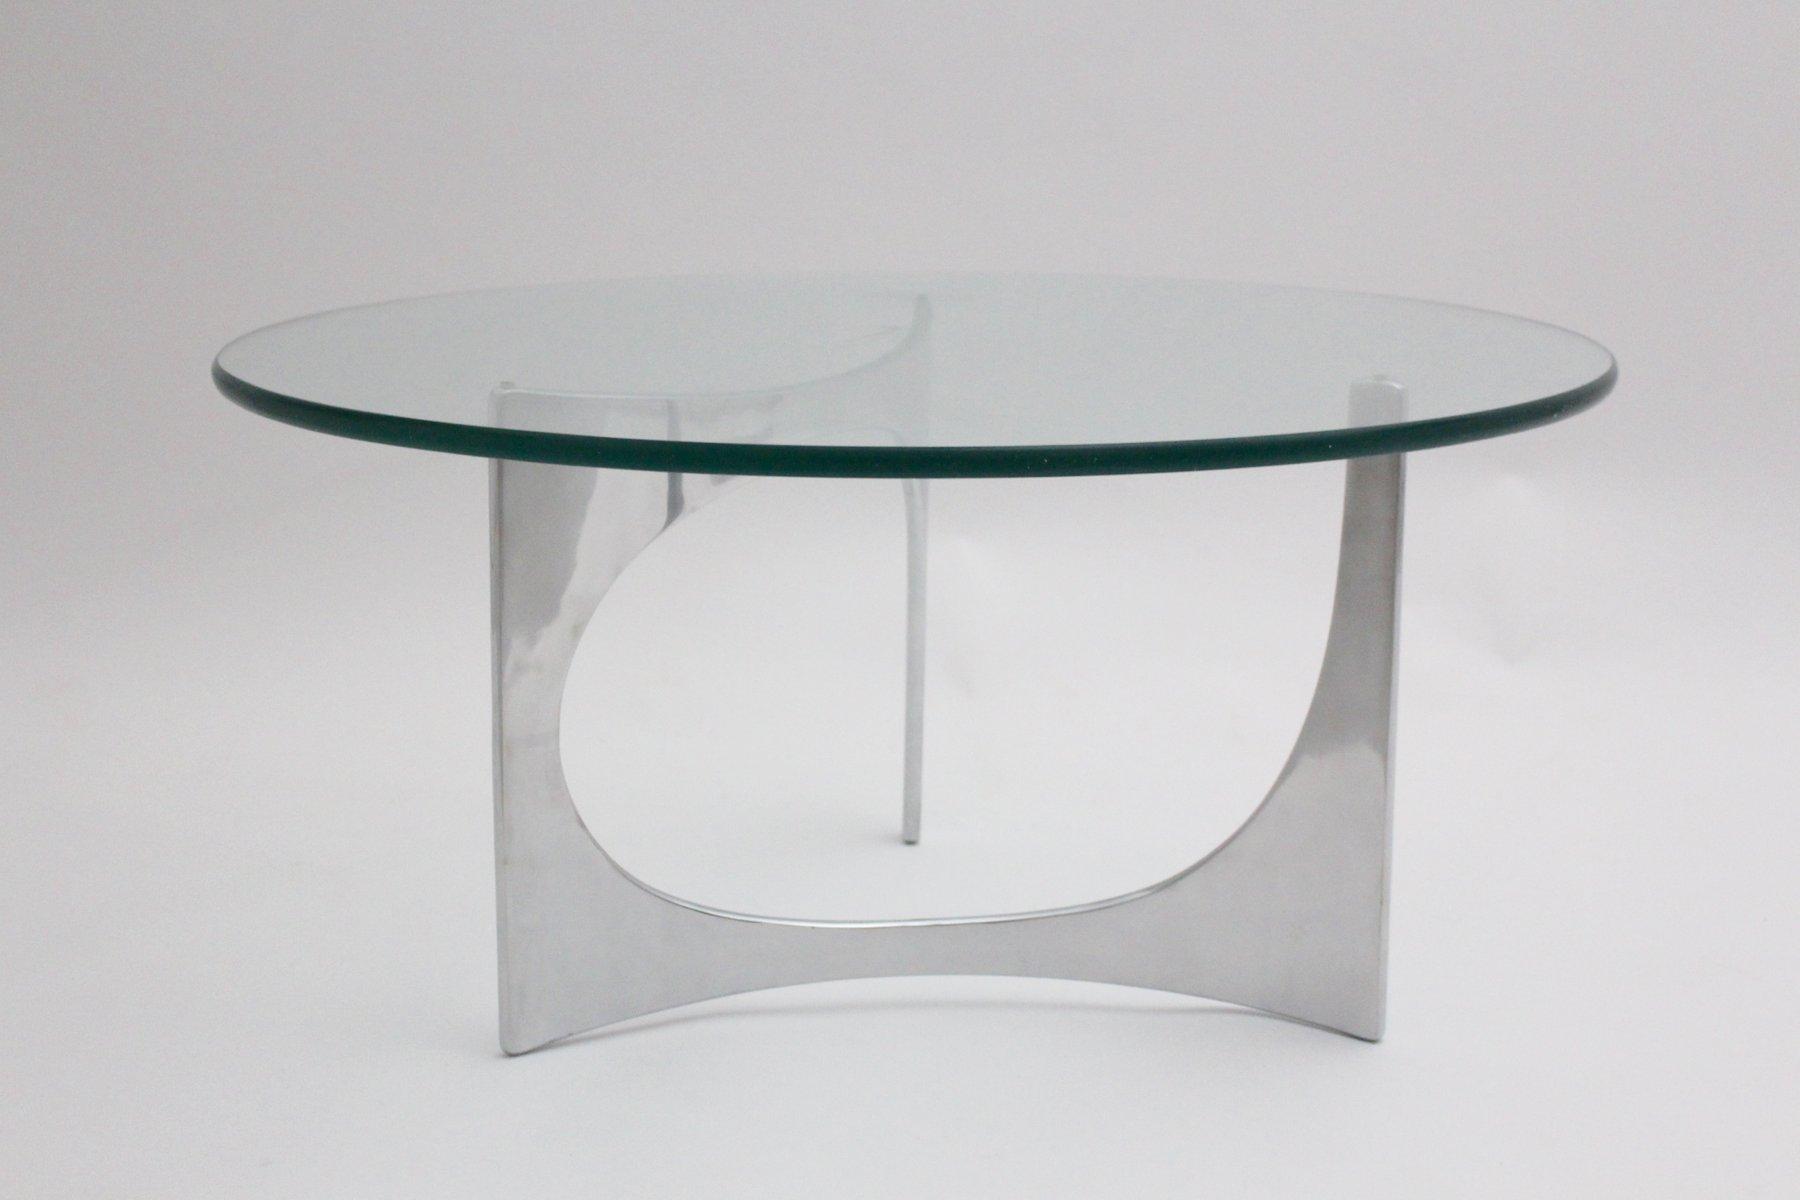 runder deutscher vintage couchtisch aus glas von knut hesterberg 1970er bei pamono kaufen. Black Bedroom Furniture Sets. Home Design Ideas